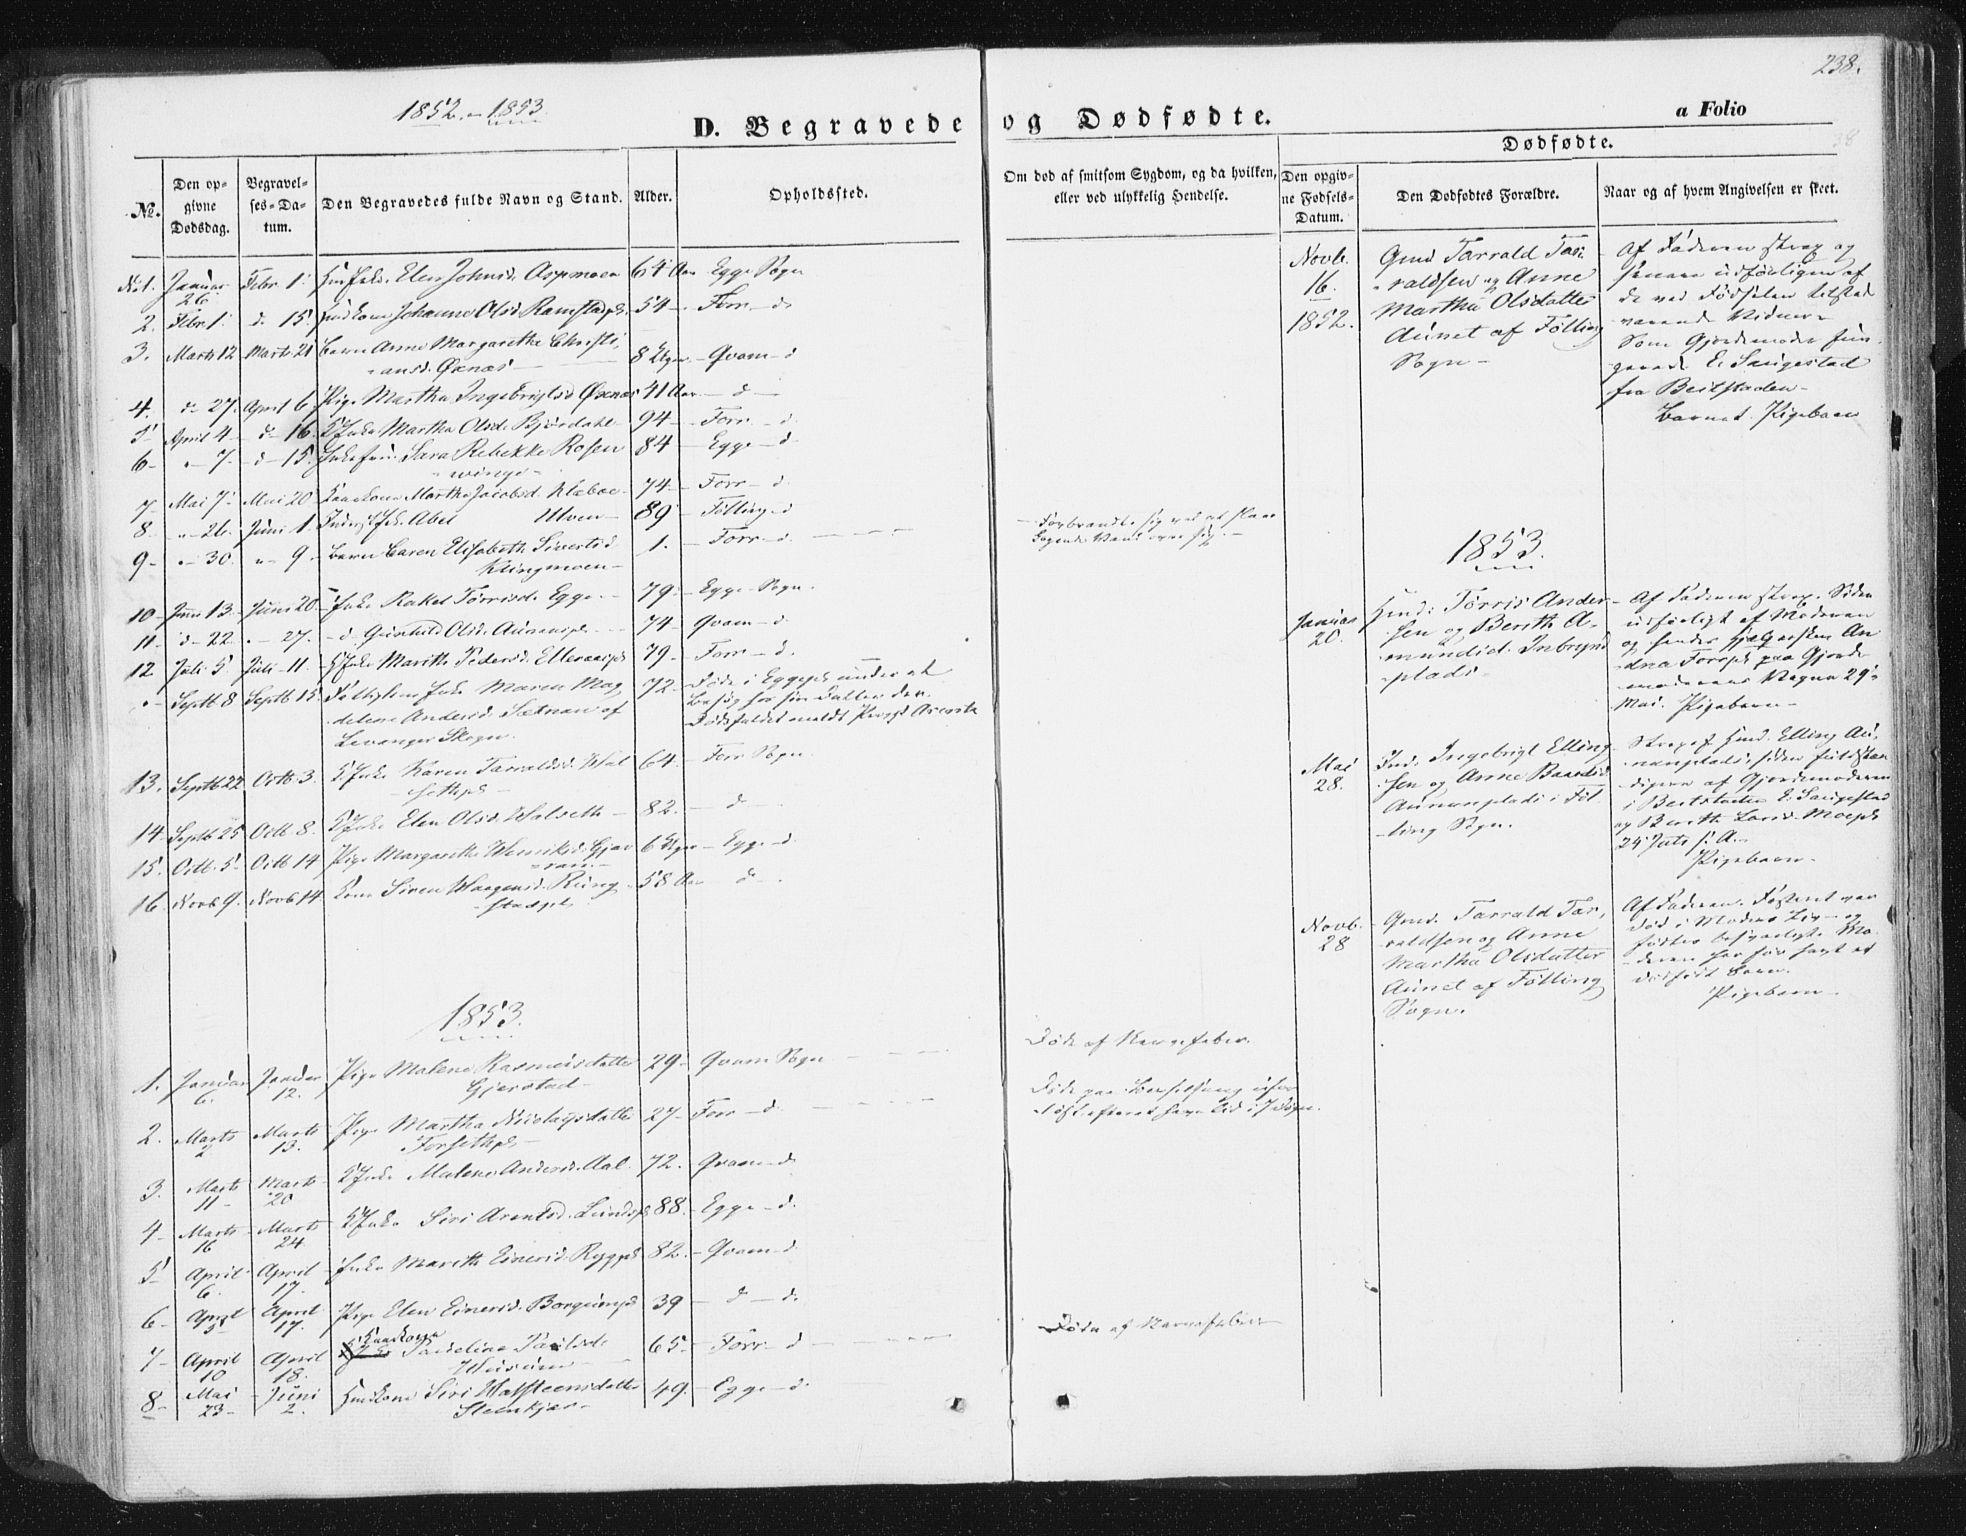 SAT, Ministerialprotokoller, klokkerbøker og fødselsregistre - Nord-Trøndelag, 746/L0446: Ministerialbok nr. 746A05, 1846-1859, s. 238